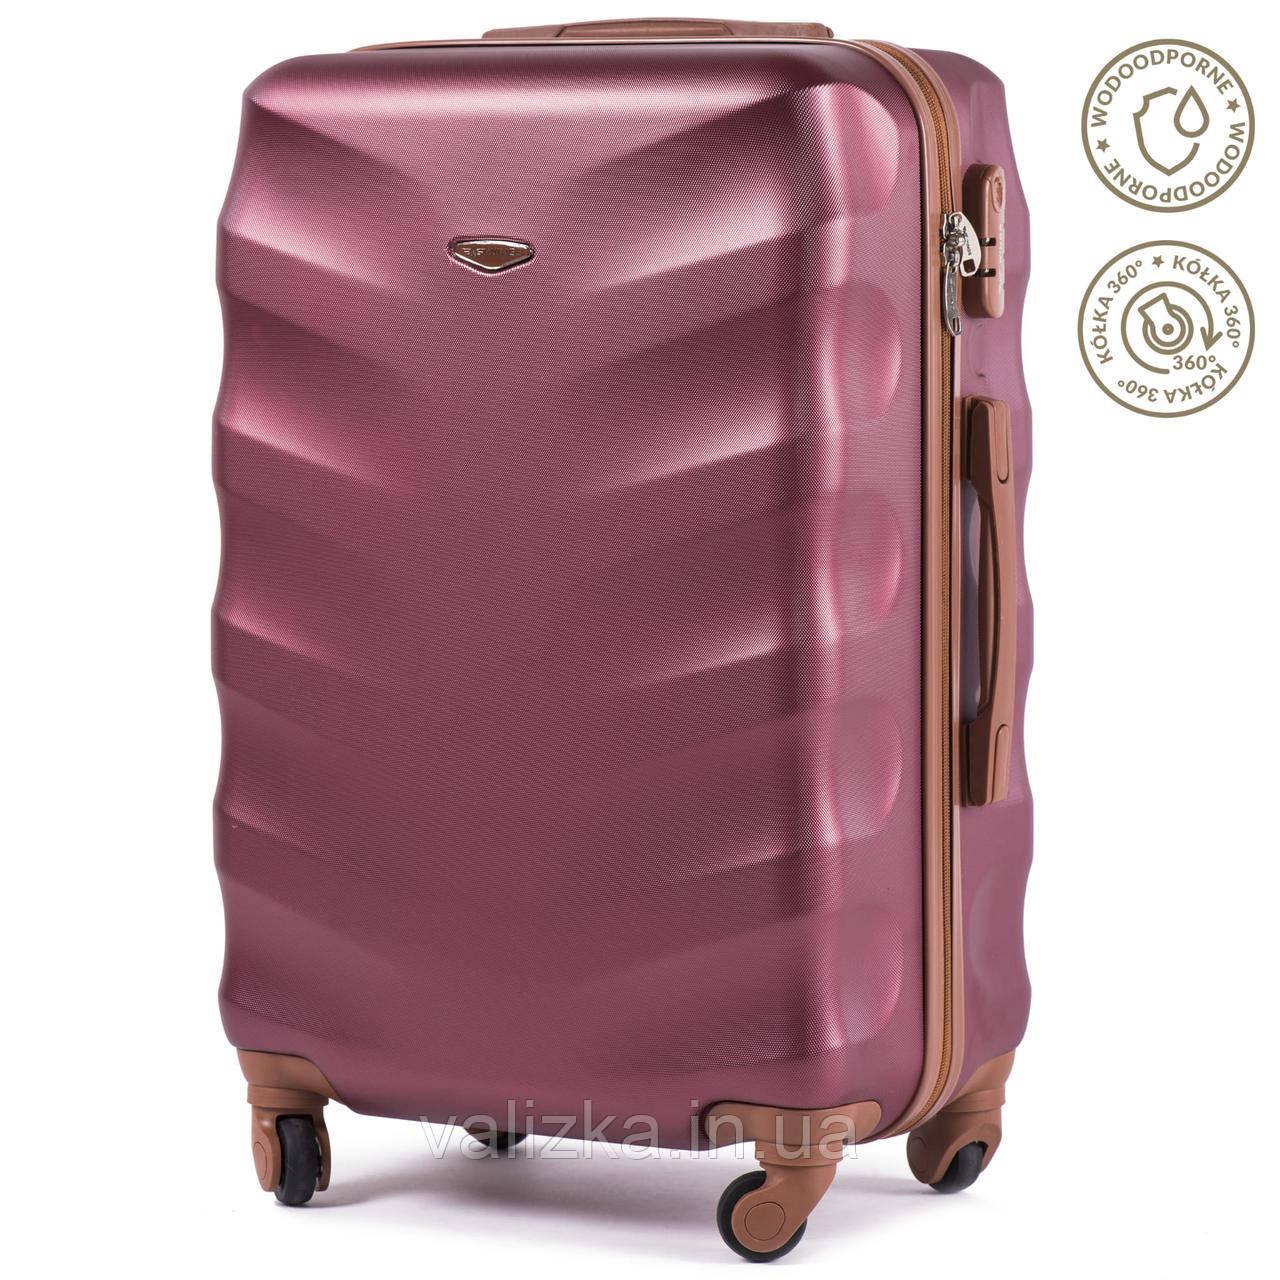 Большой чемодан из поликарбоната Wings с кофейной фурнитурой на 4-х колесах бордовый